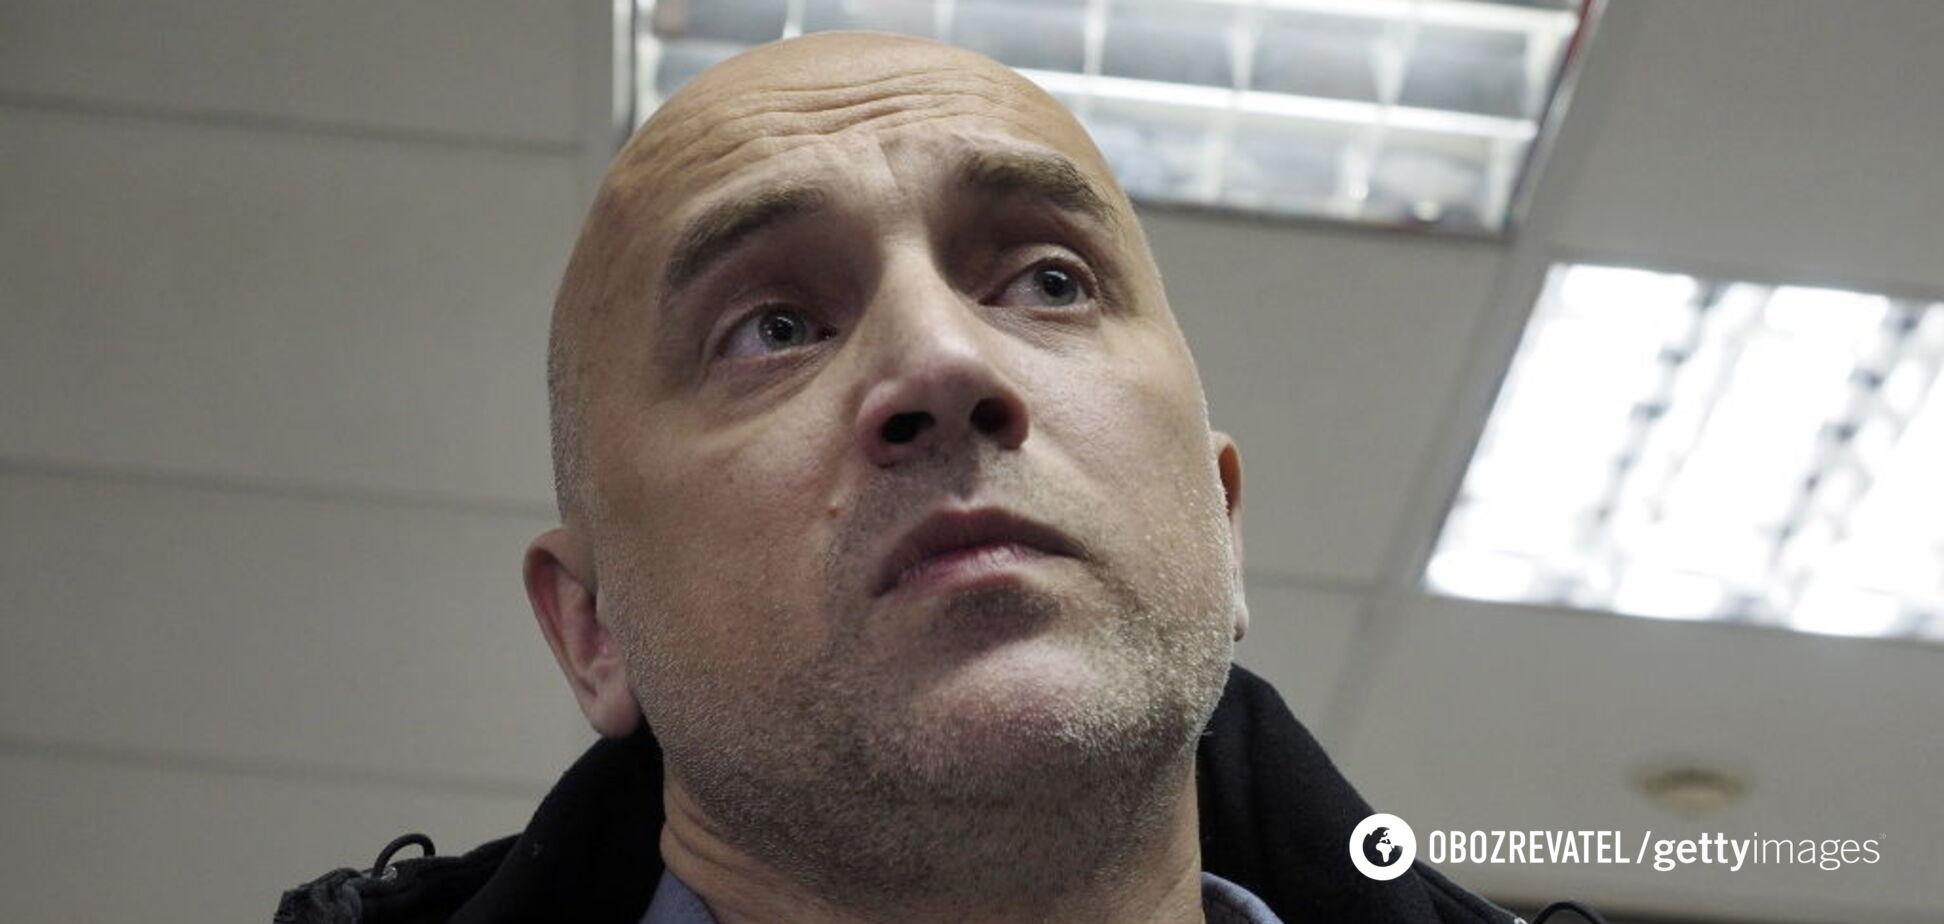 'Слава Україні!' Терорист-письменник Прилєпін став посміховиськом у мережі